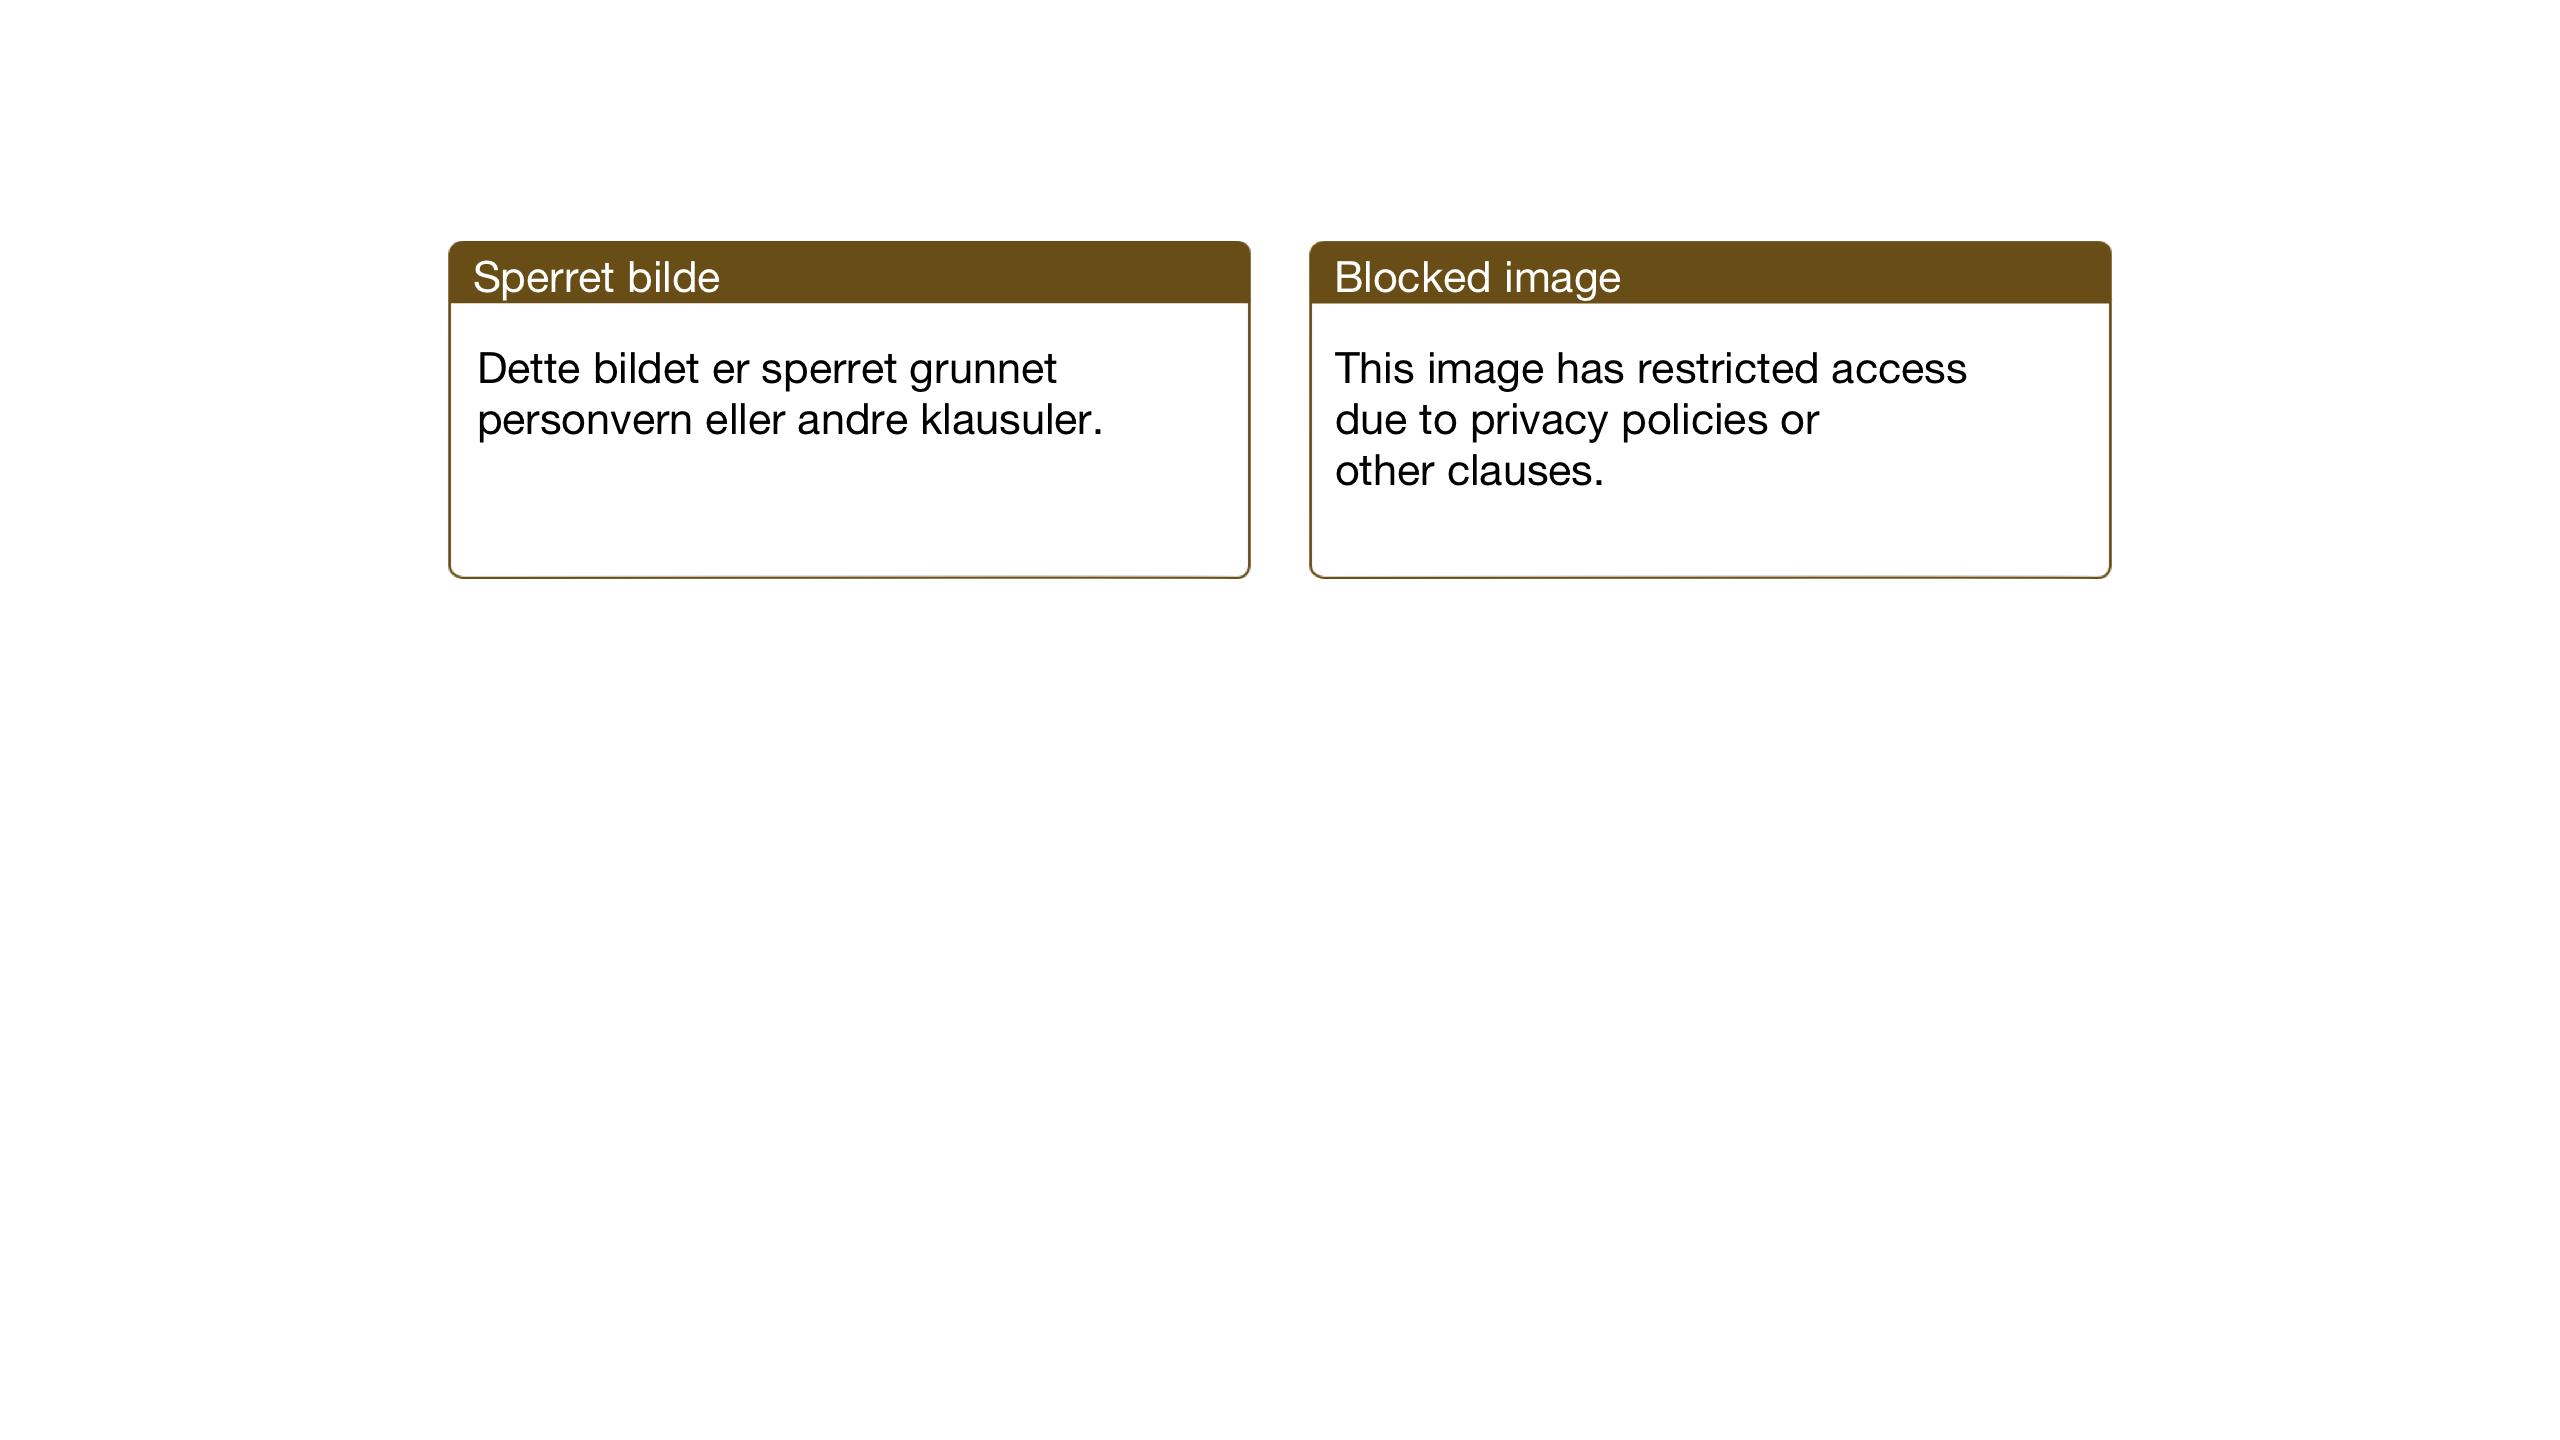 SAT, Ministerialprotokoller, klokkerbøker og fødselsregistre - Sør-Trøndelag, 637/L0564: Klokkerbok nr. 637C05, 1928-1968, s. 216